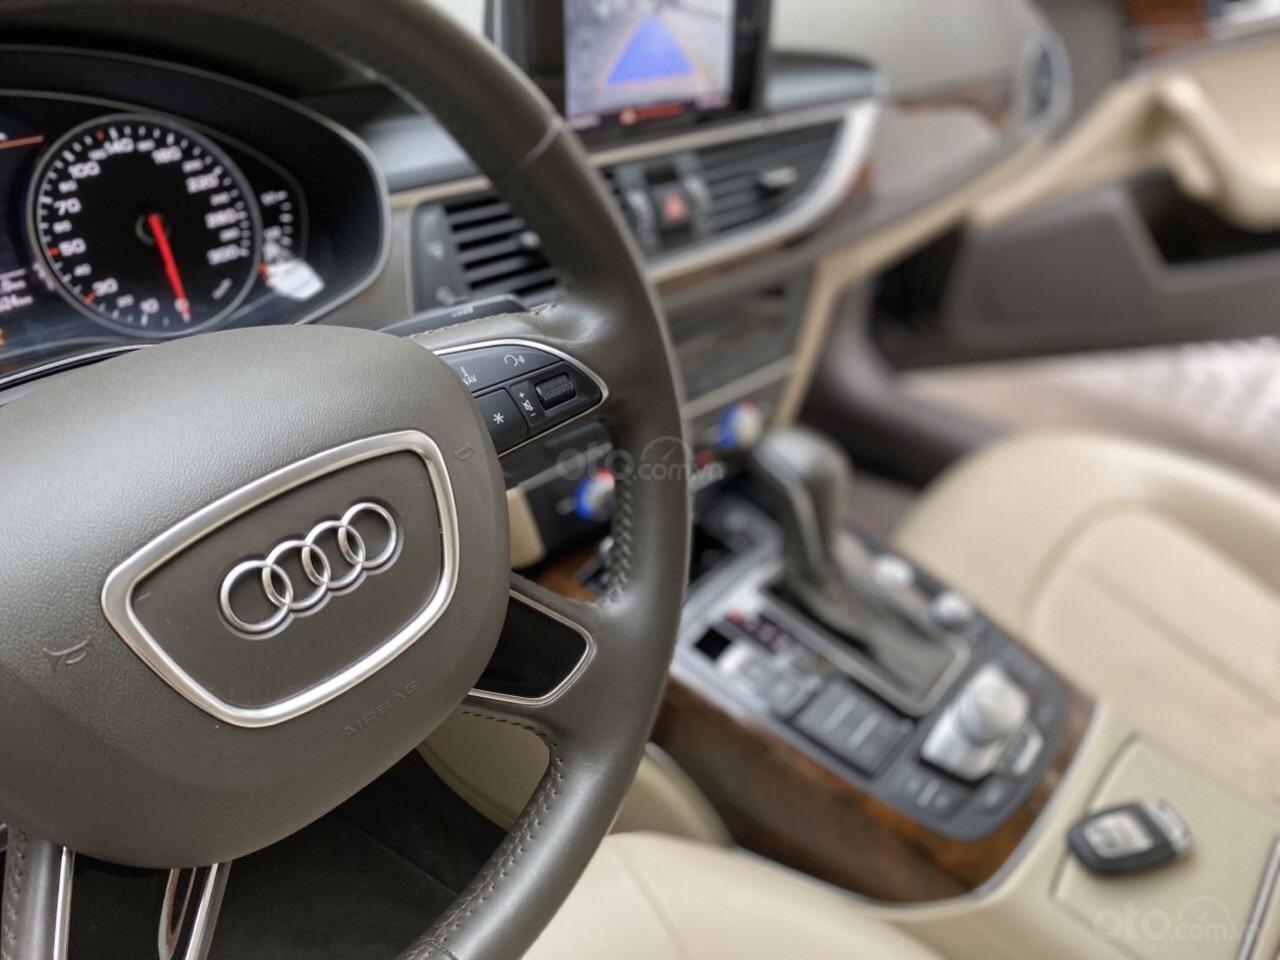 Bán Audi A6 2015 đăng ký 2017 màu đen nội thất kem  xe đẹp, không lỗi bao check tại hãng (7)